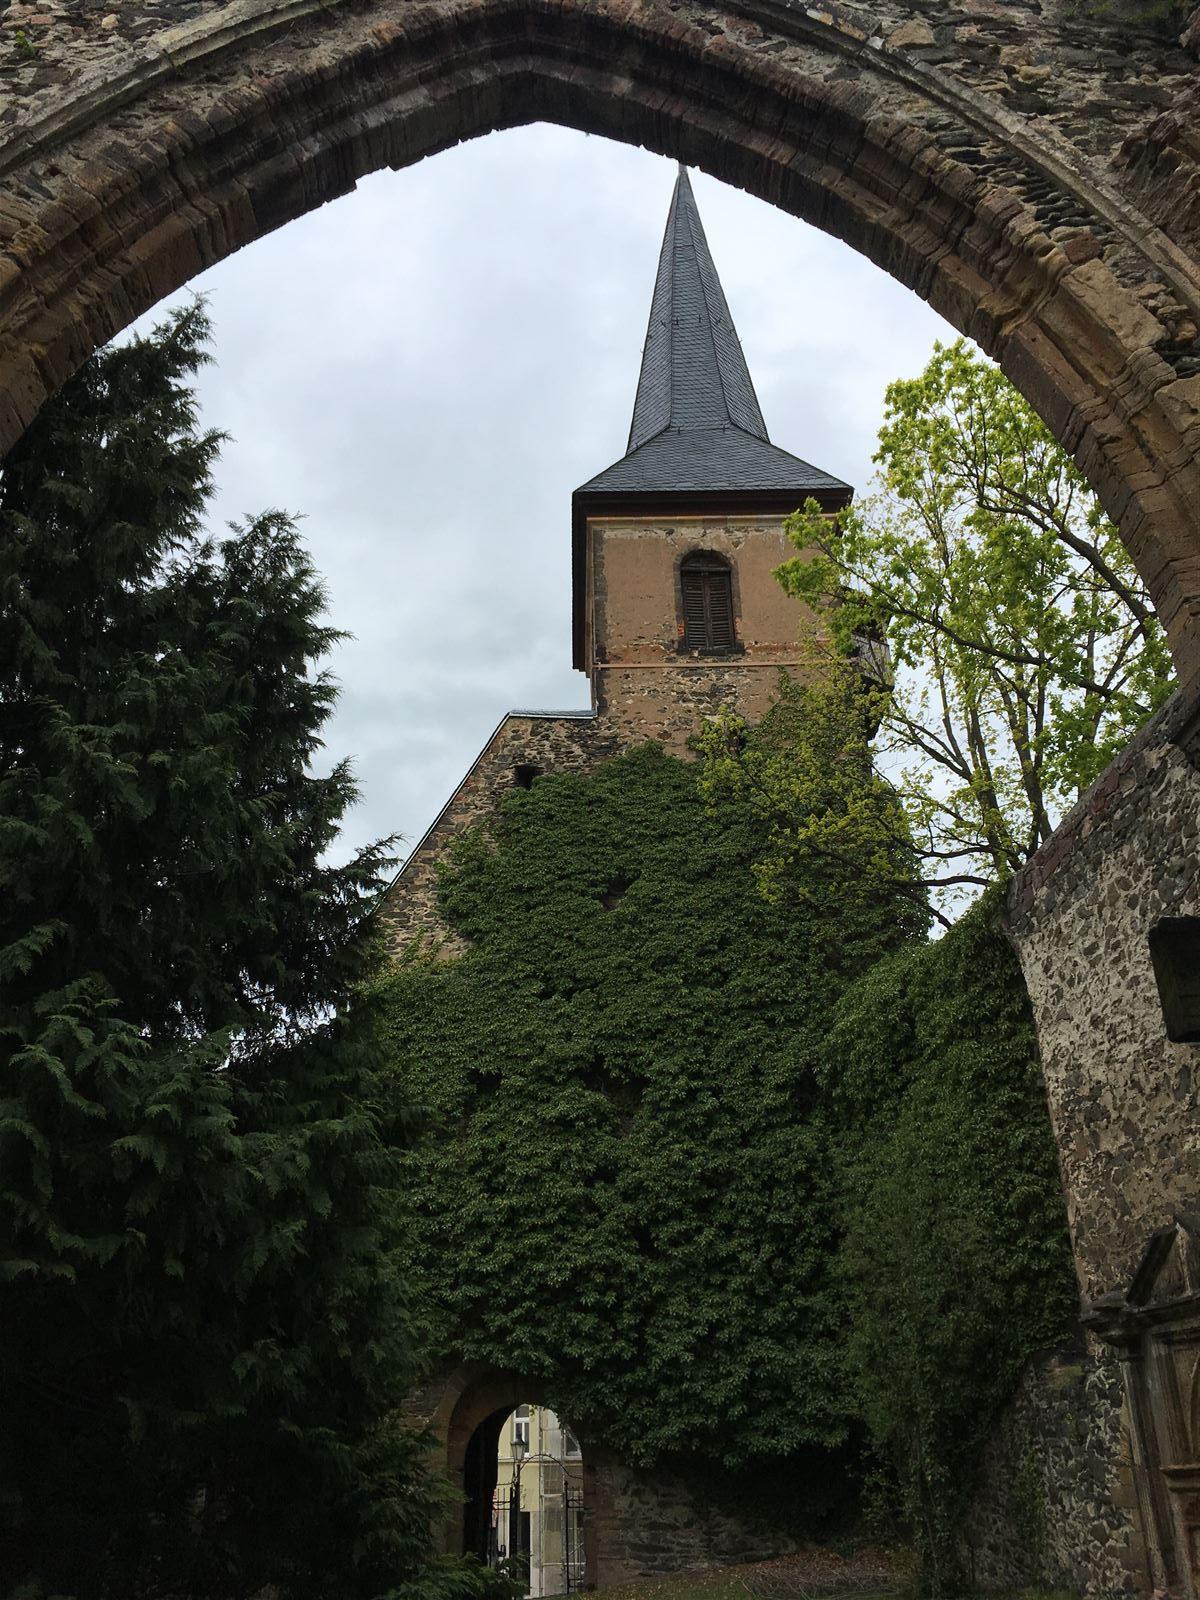 Stadtrundgang auf dem Kulturweg der Vögte durch Weida - Widenkirche